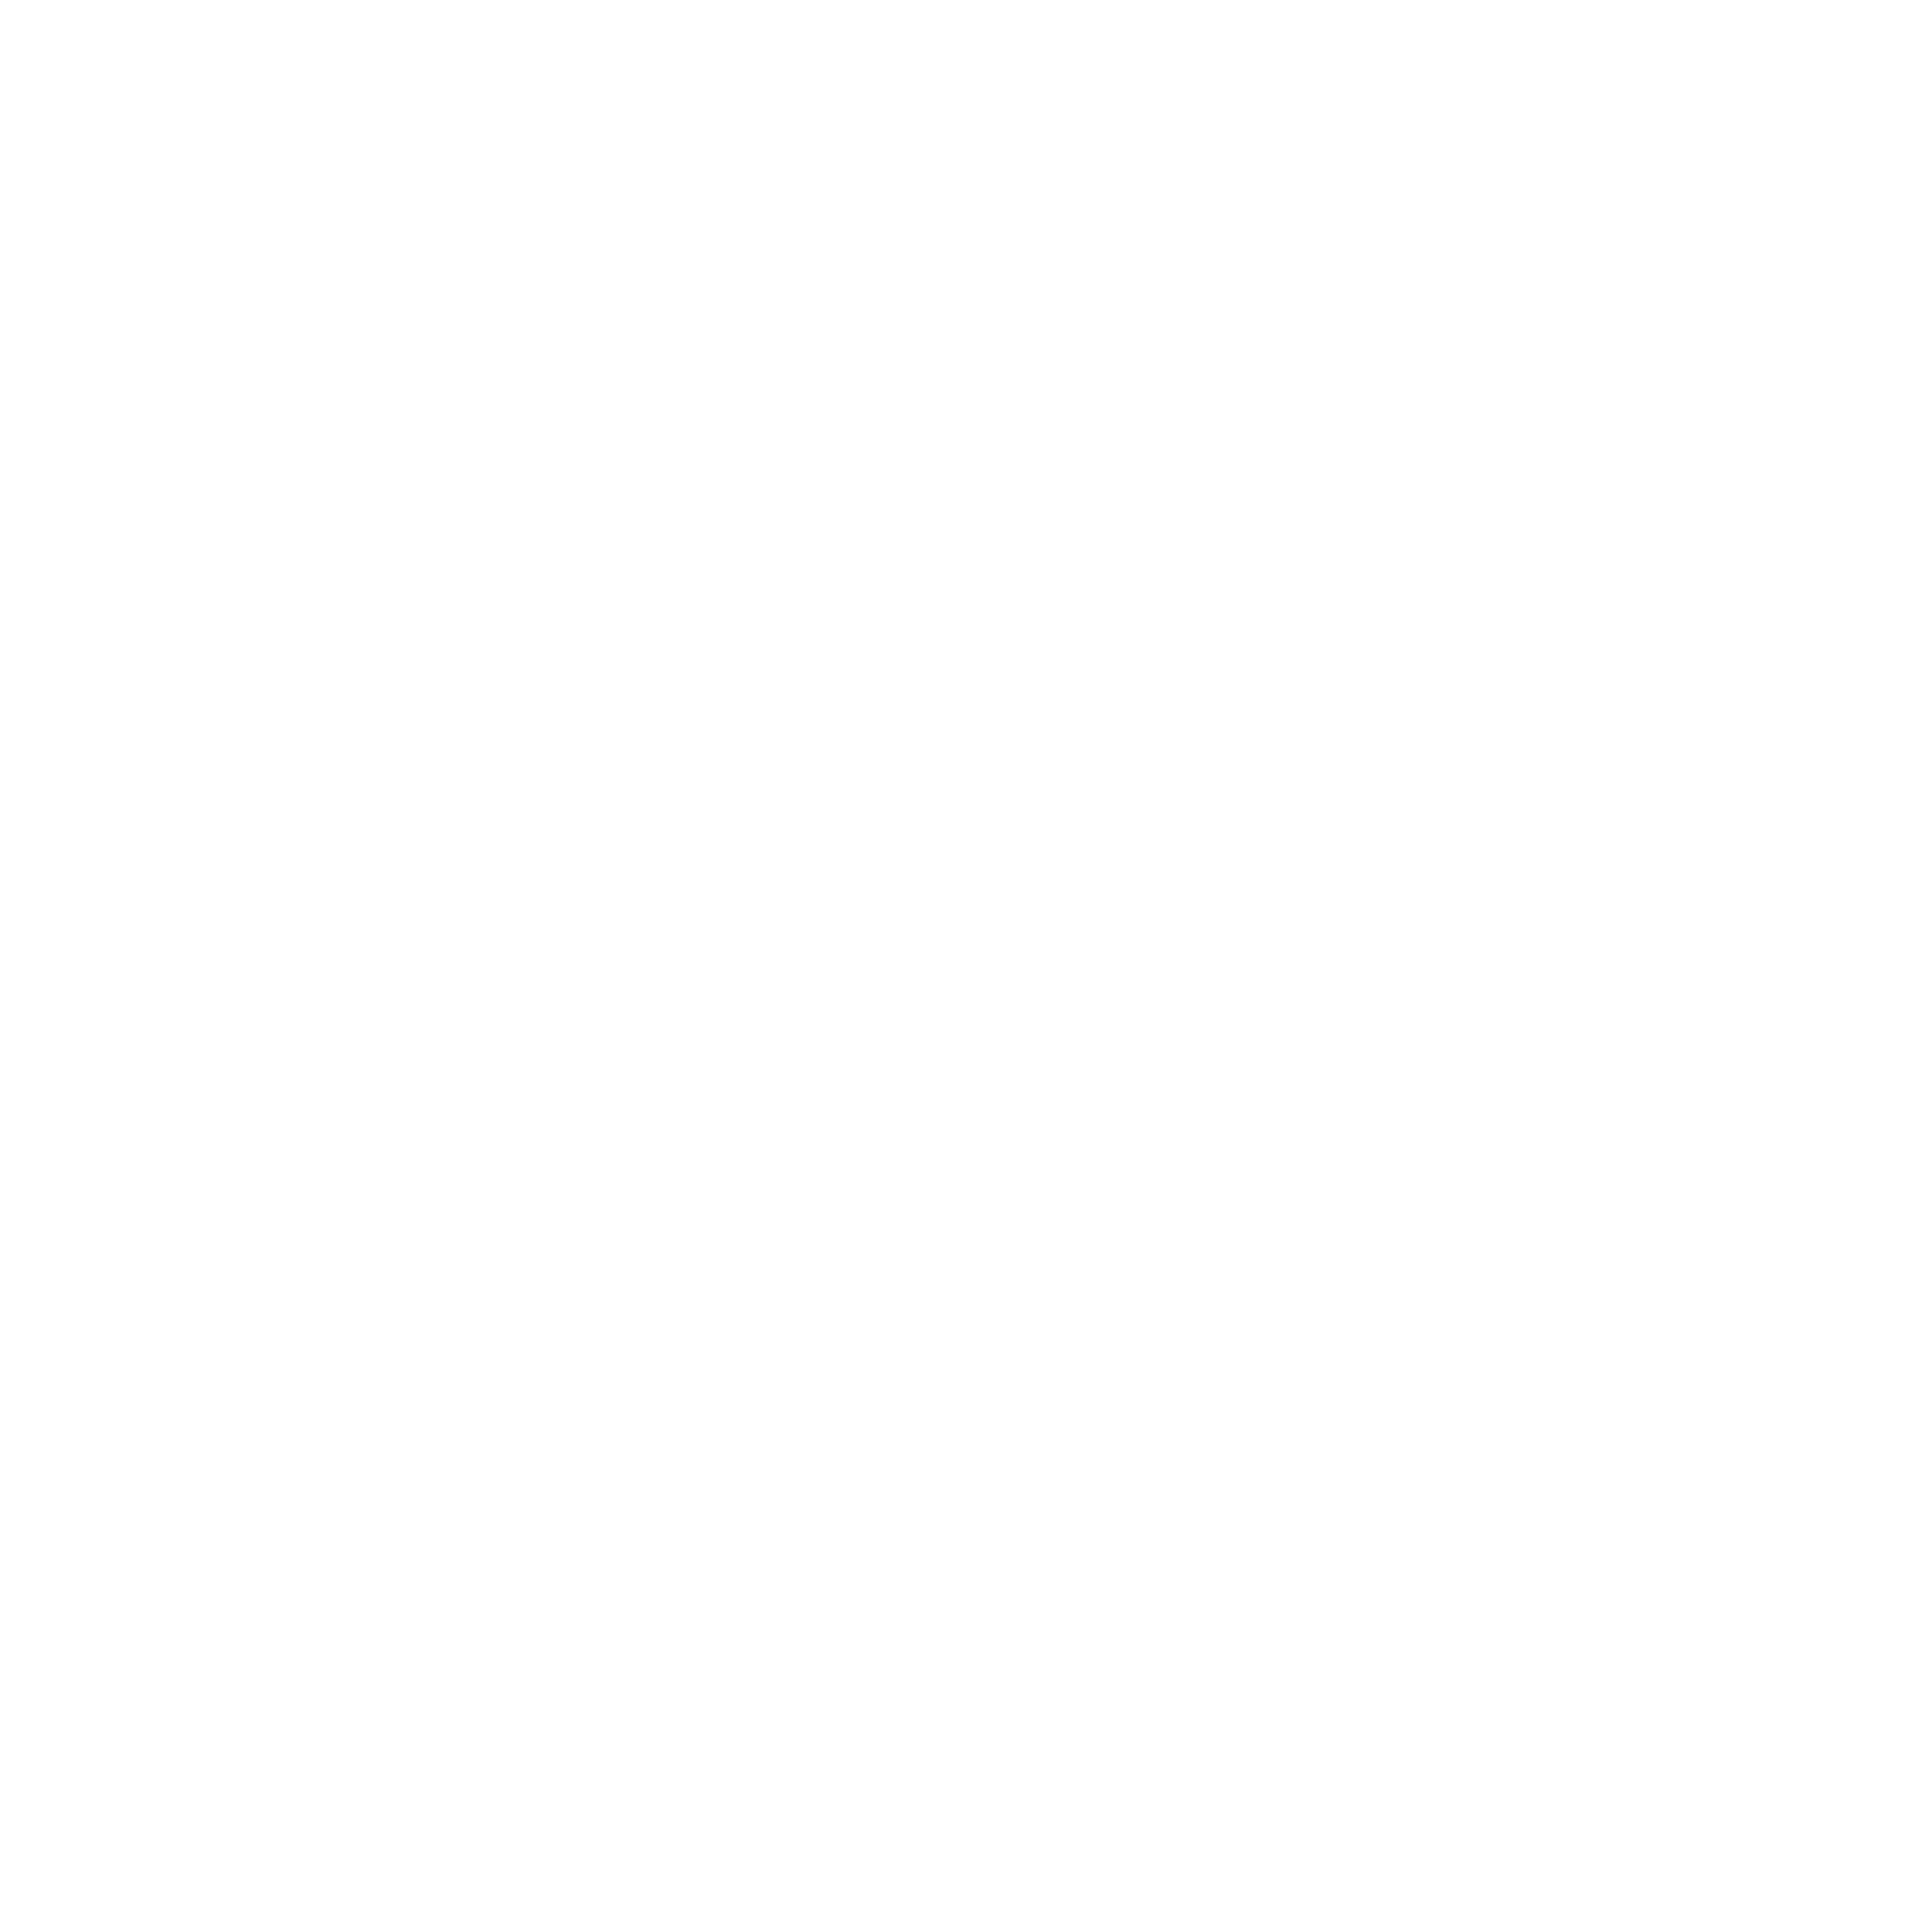 MobilityHub.nl